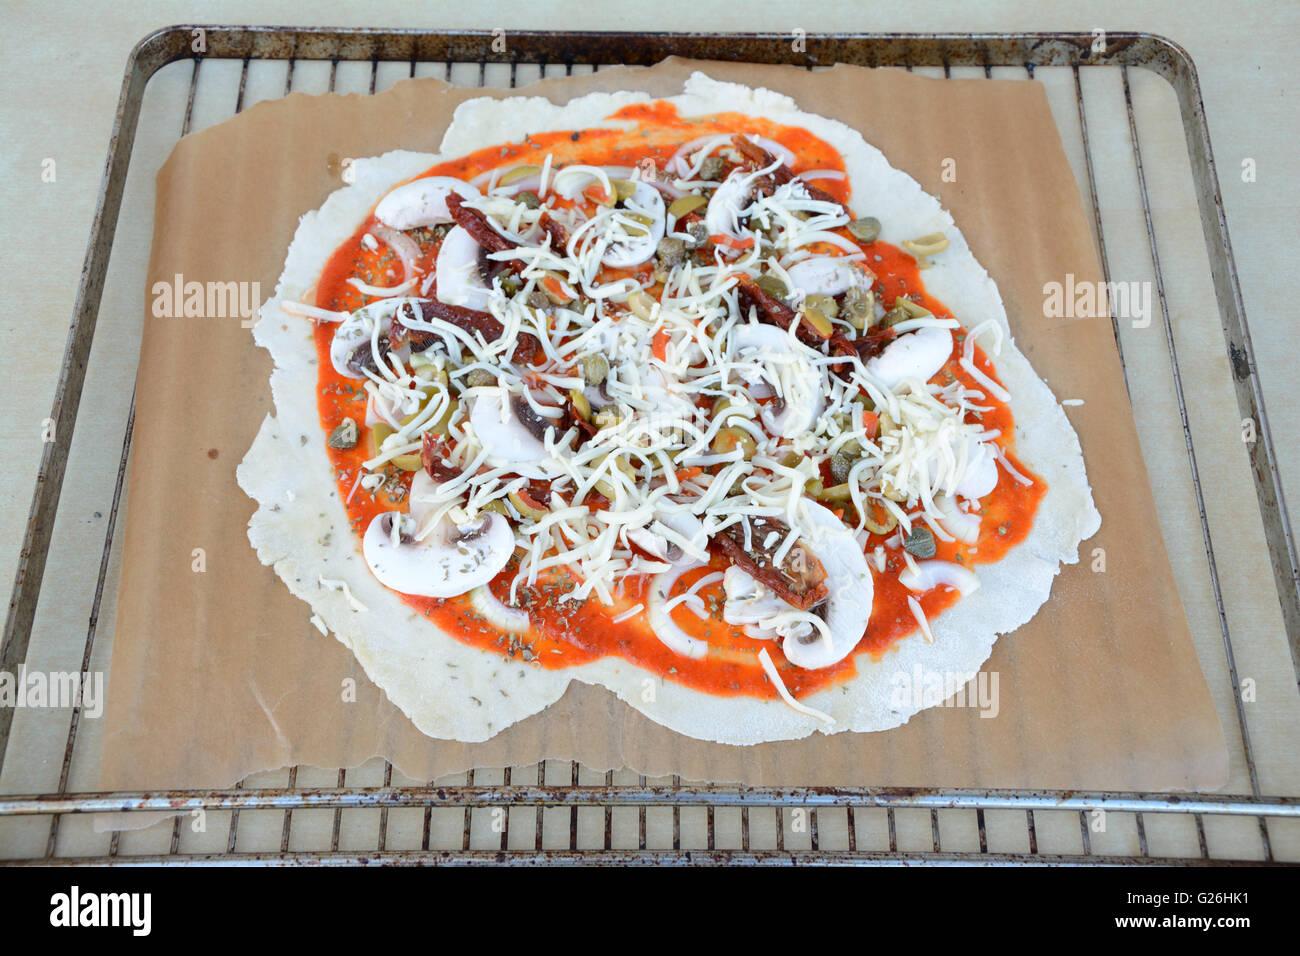 Irregular shape raw pizza before baking - close up - Stock Image